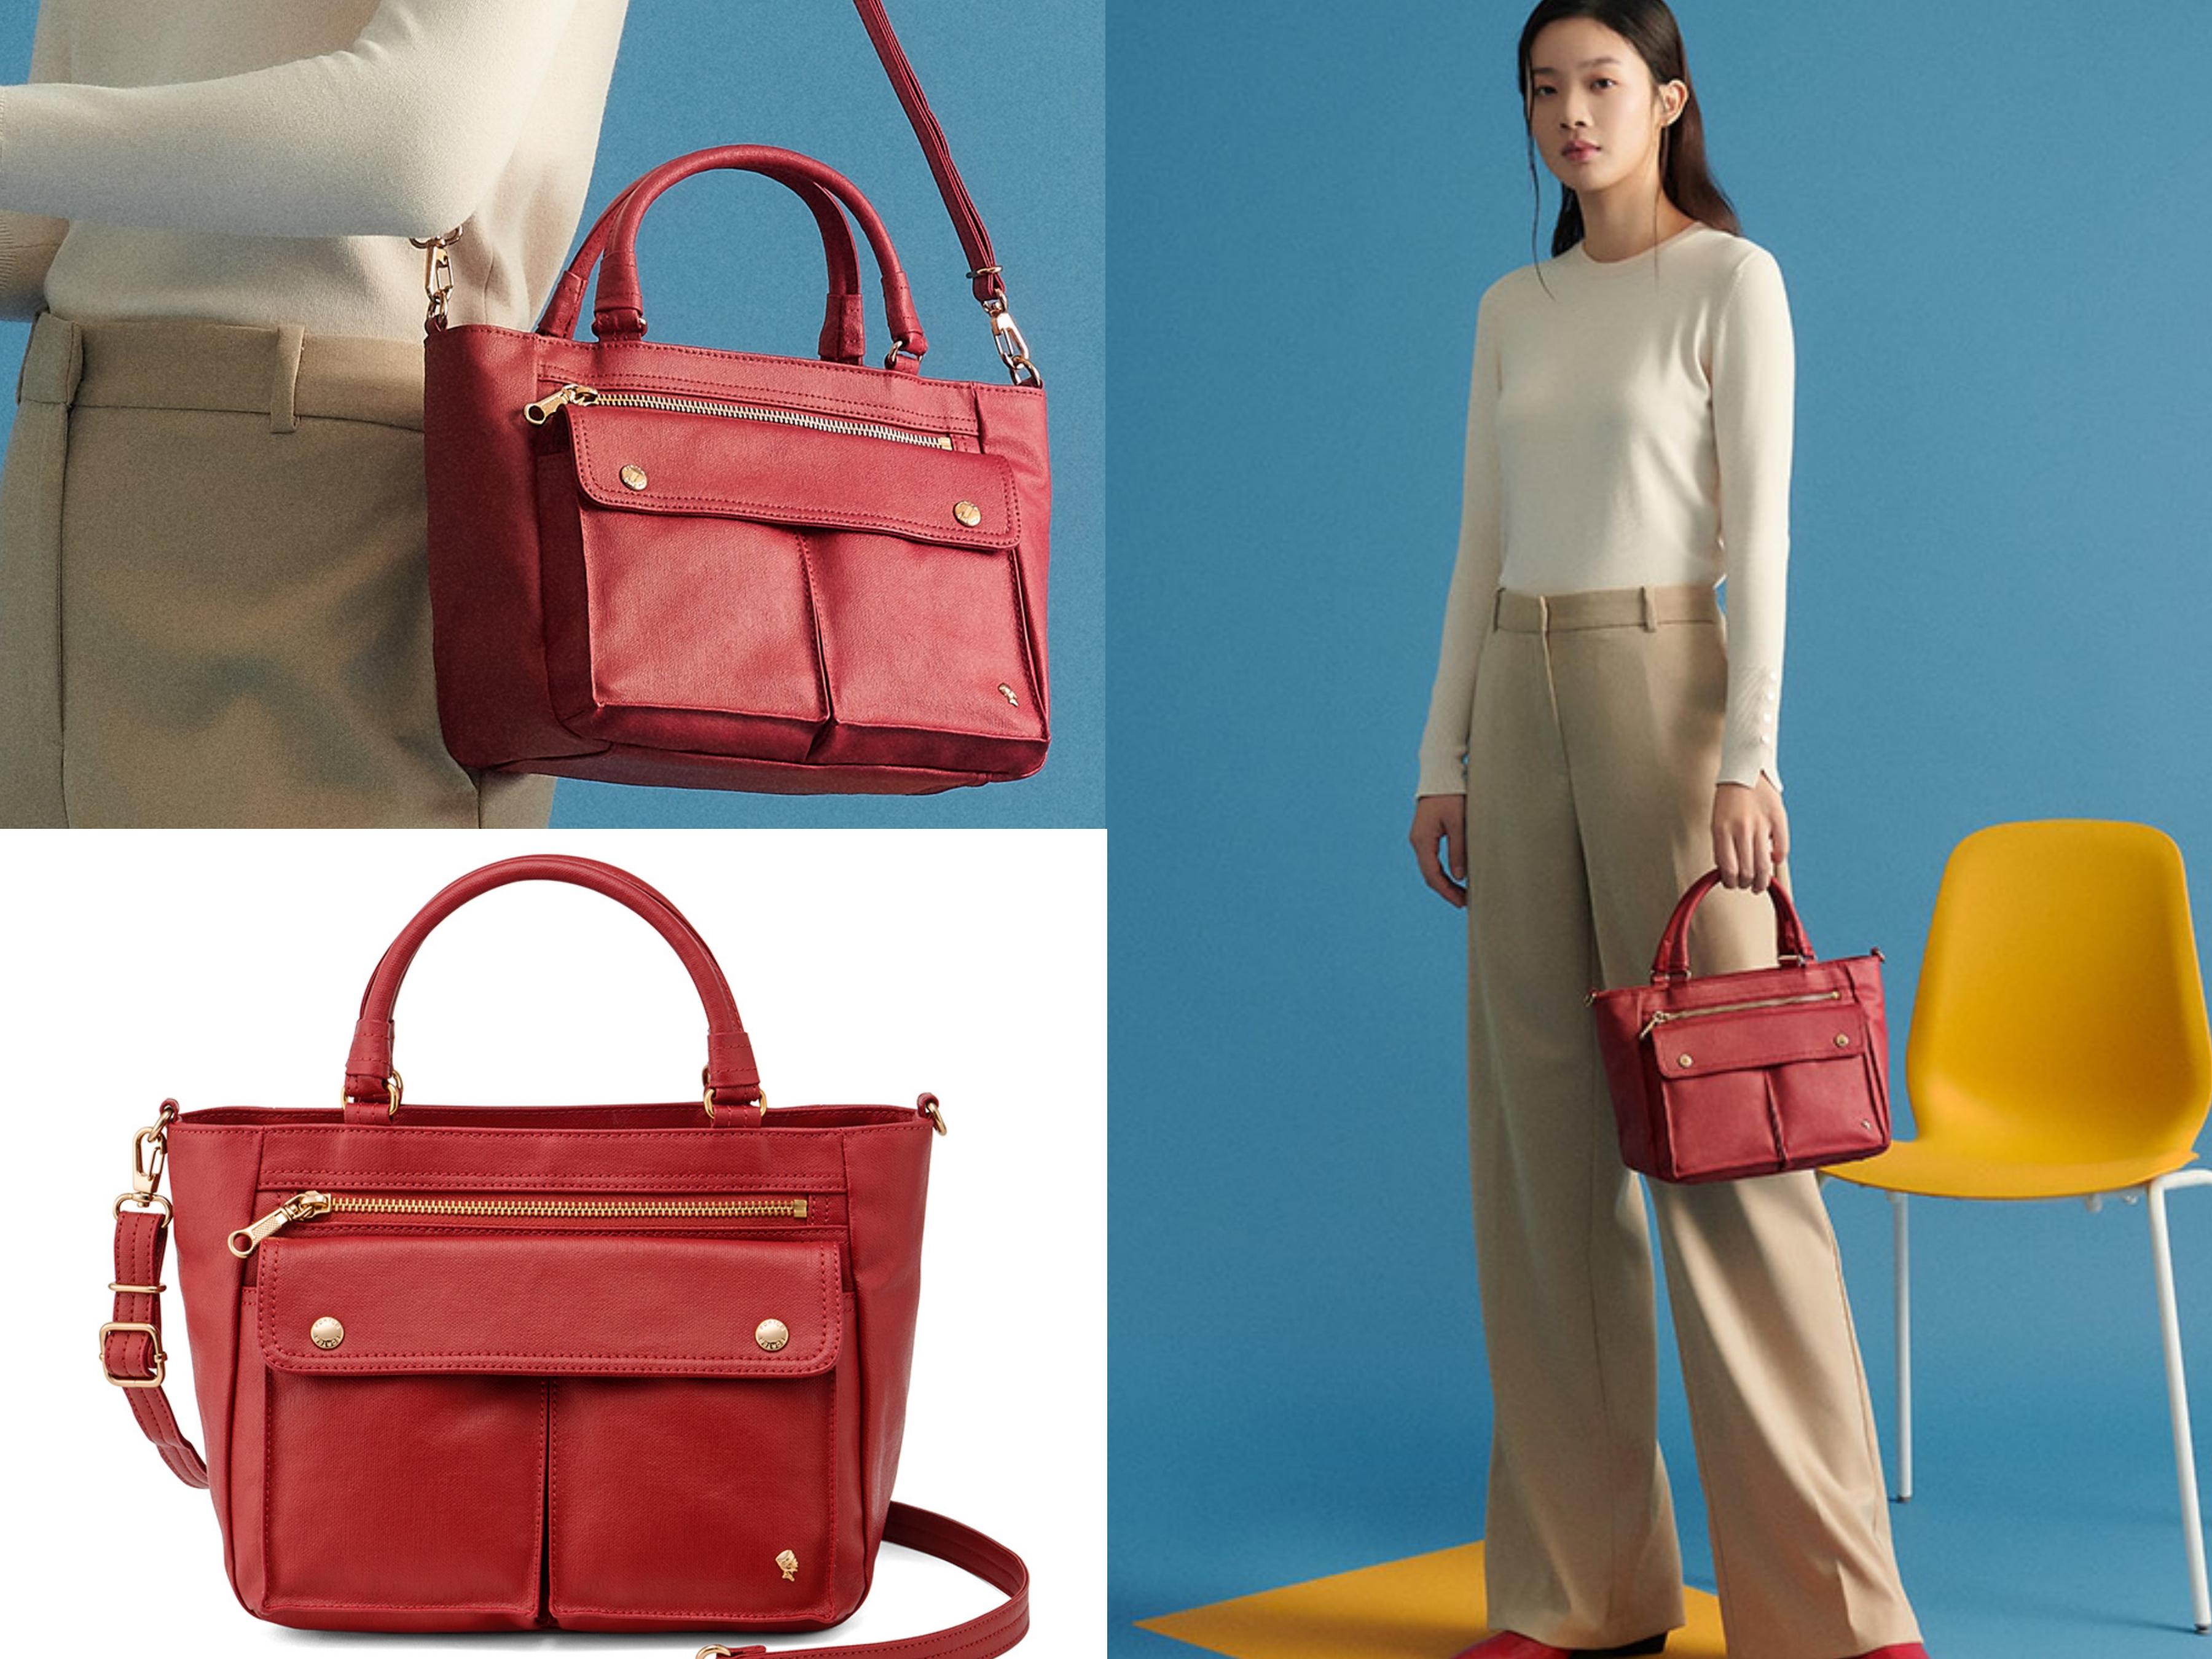 鮮明高彩的SPIRIT系列,以亮麗色彩塑造一系列適於女性日常生活的多款袋型